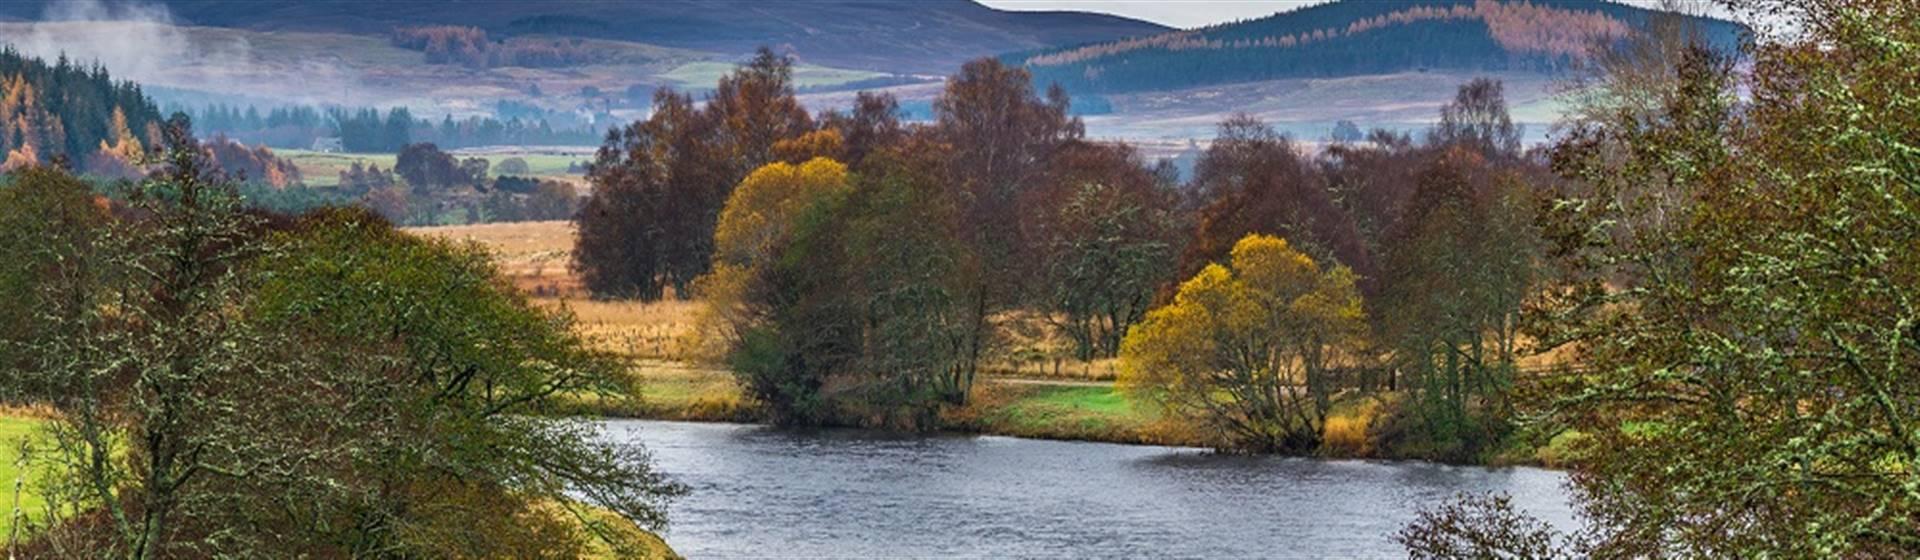 Wild about Scotland